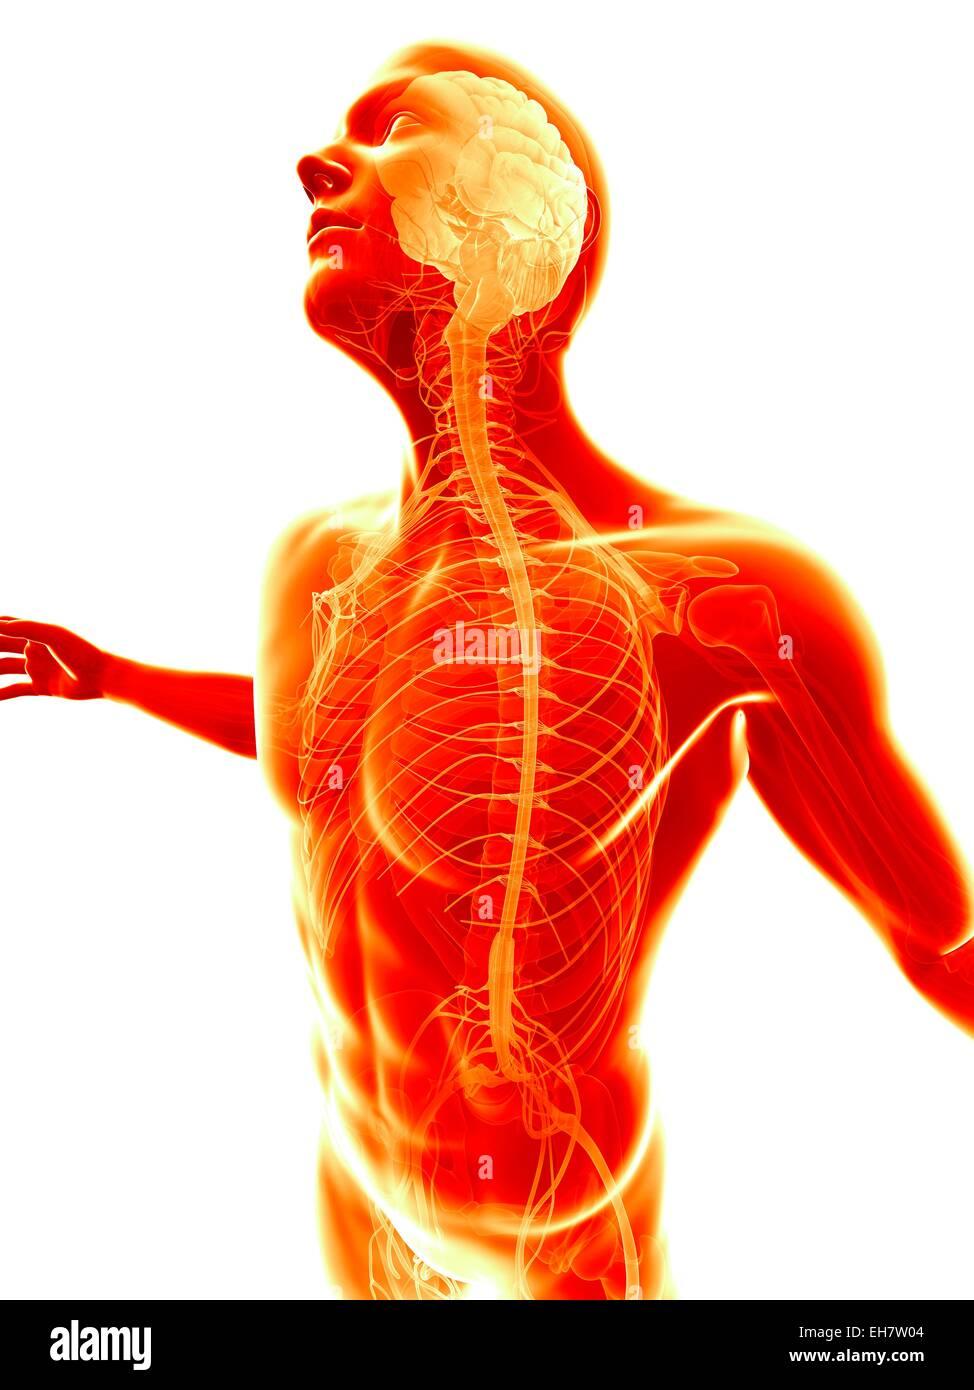 Ausgezeichnet Menschliche Anatomie Und Physiologie Testfragen ...